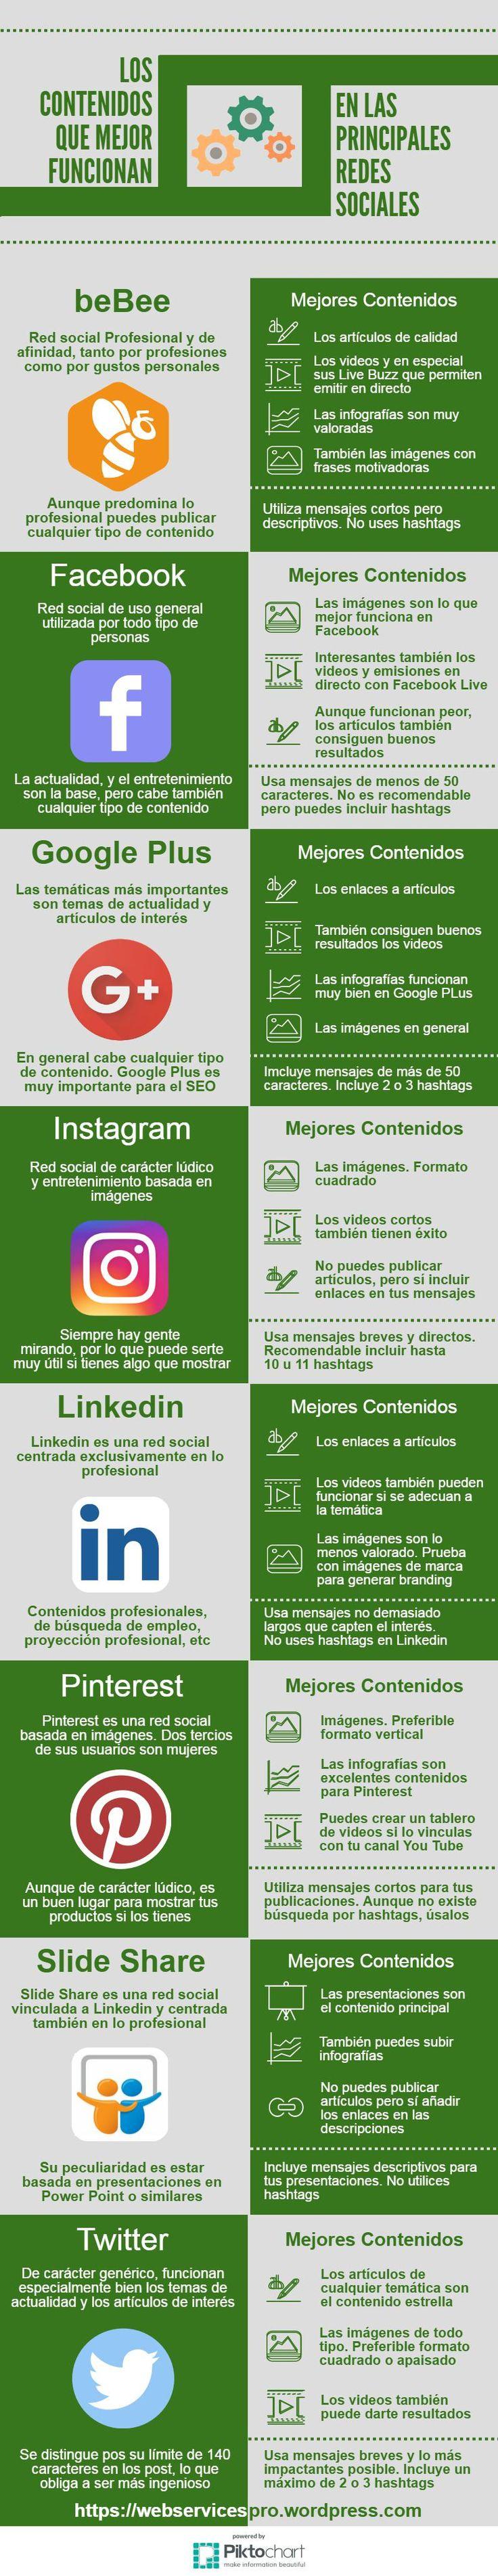 ¿Sabes cuales son los contenidos que mejor funcionan en las redes sociales más importantes? Mira el post completo para ver más en detalle este importante tema #Contenidos #ContenidosRRSS #MarketingDeContenidos #SocialMedia #RedesSociales #Infografía